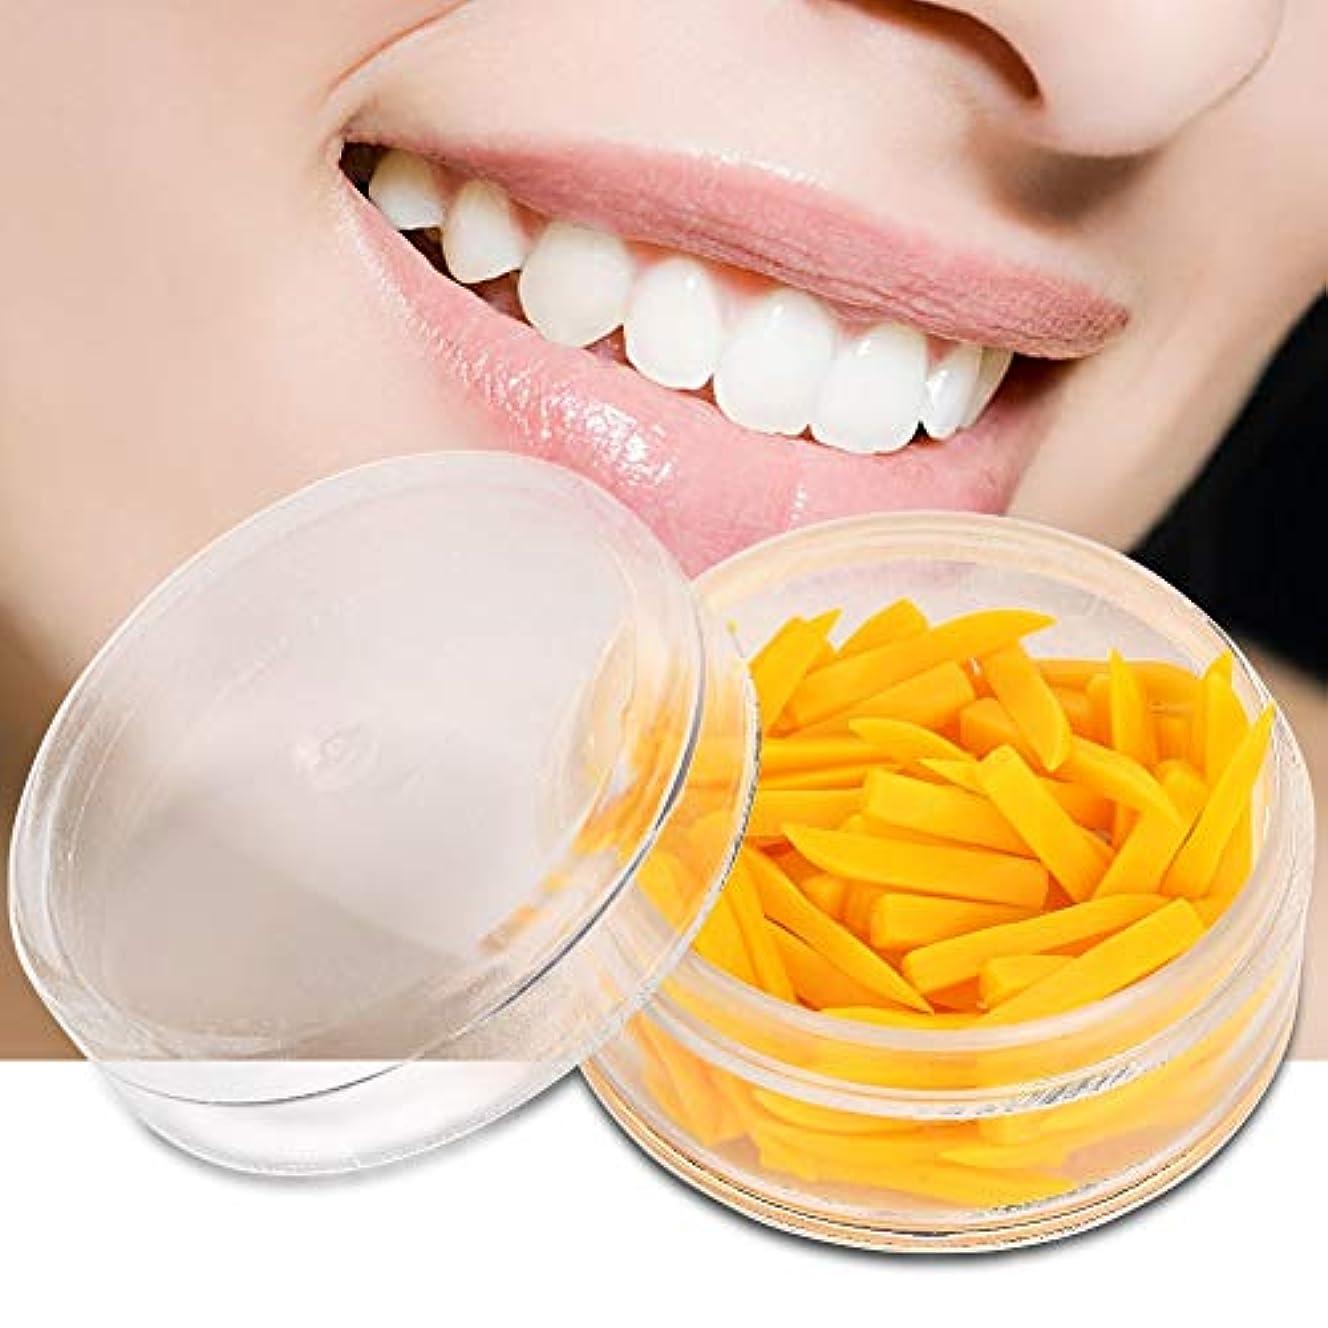 蒸発オーク結果Diastemaウェッジ、100個使い捨て歯科用固定ウェッジ、歯科用充填材